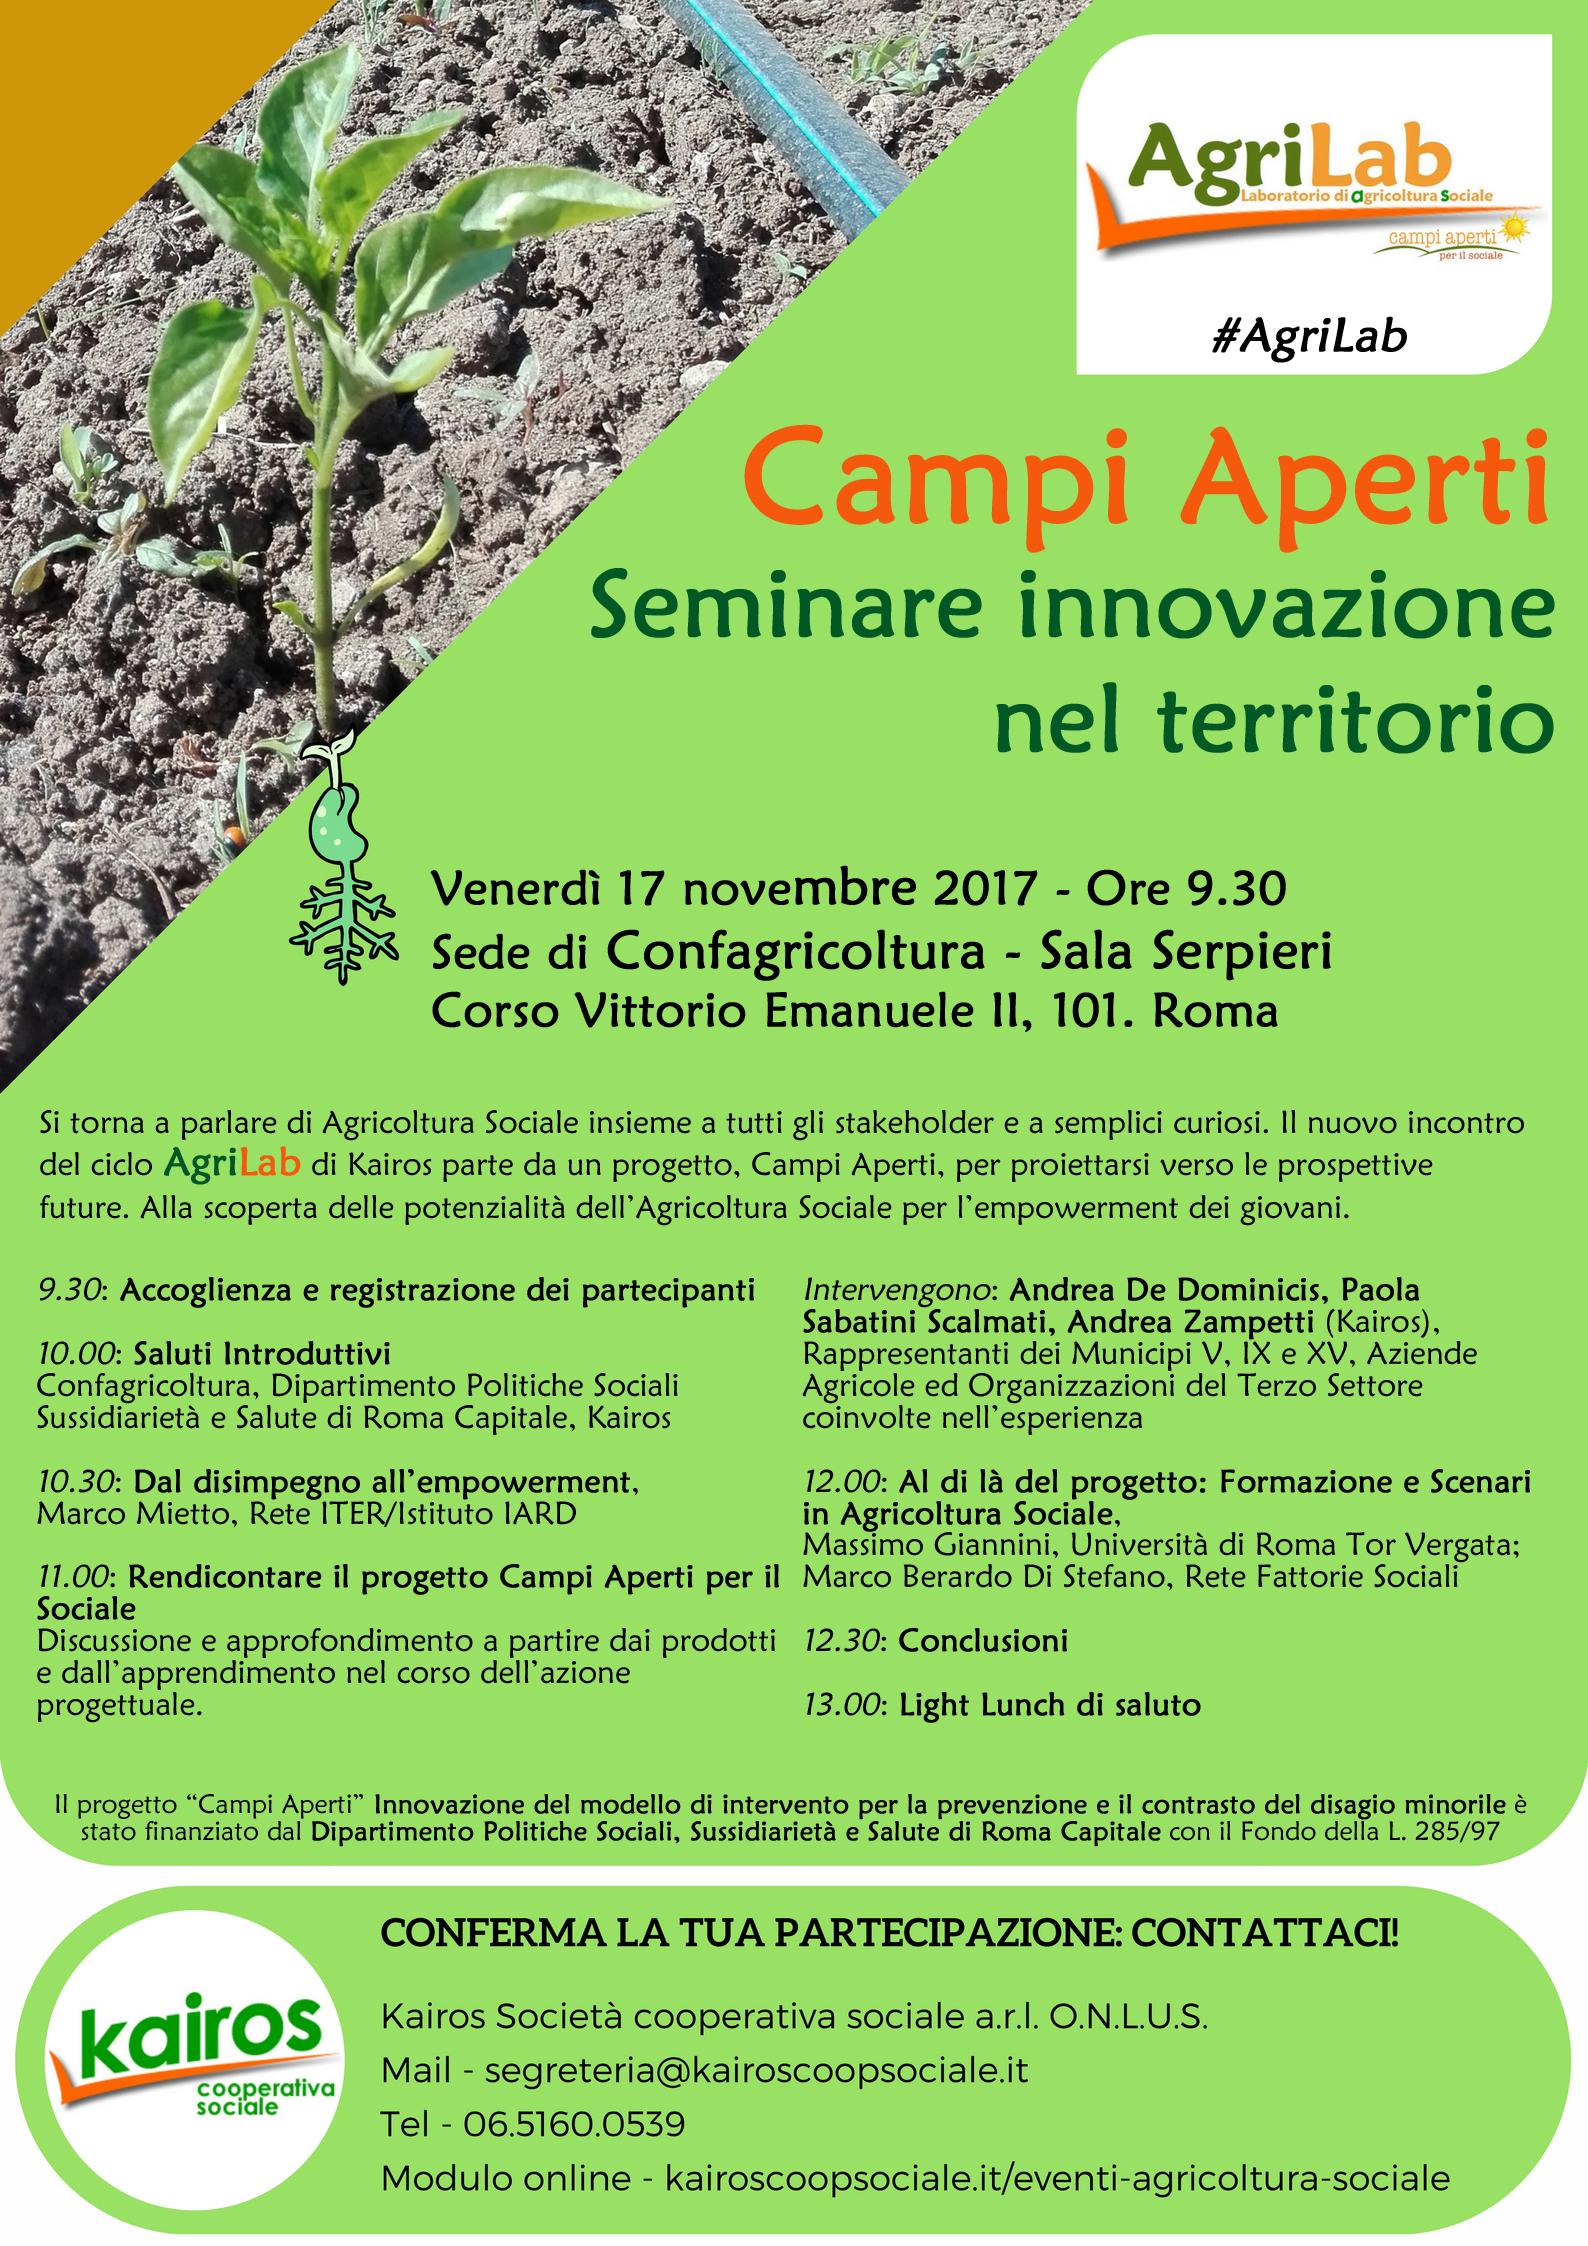 """Il programma dell'AgriLab """"Campi Aperti. Seminare innovazione nel territorio"""""""